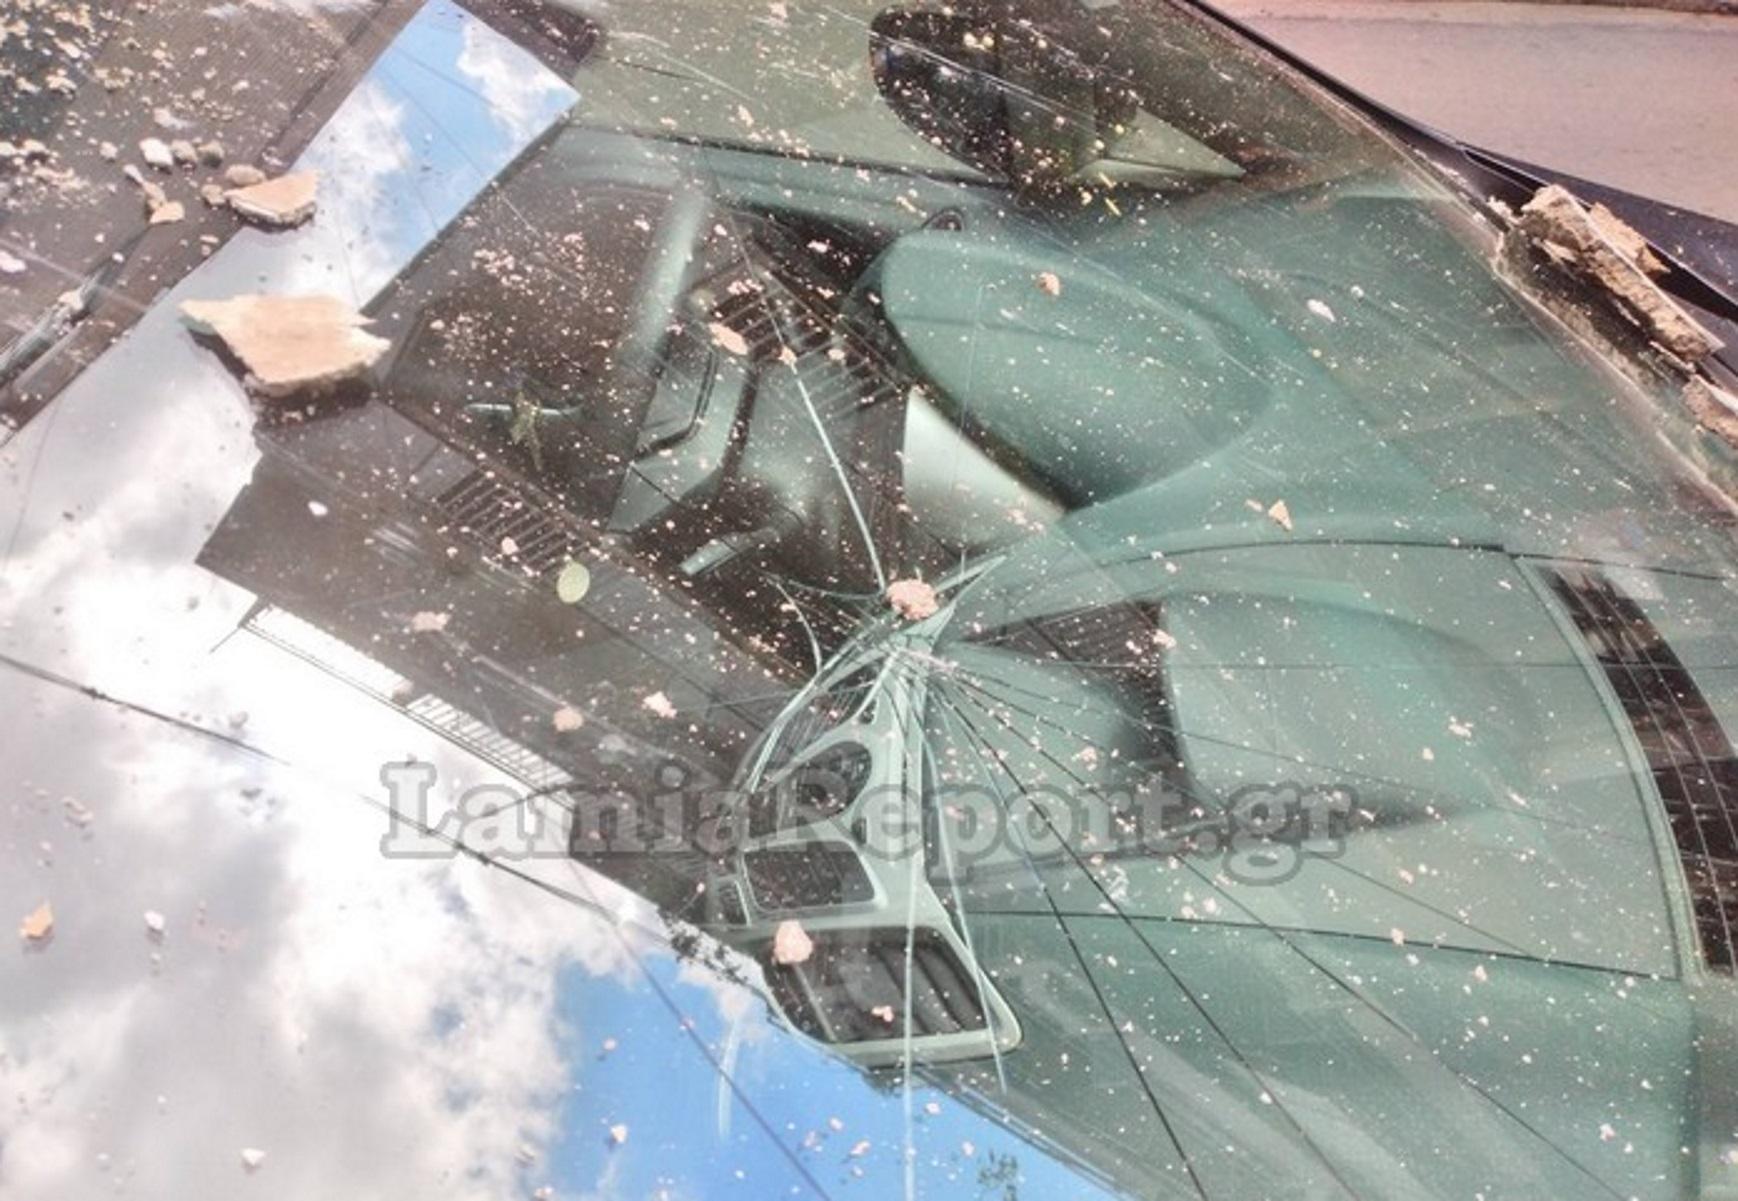 Λαμία: «Έβρεξε» σοβάδες – Είδαν τα αυτοκίνητά τους και δεν πίστευαν στα μάτια τους (pics)